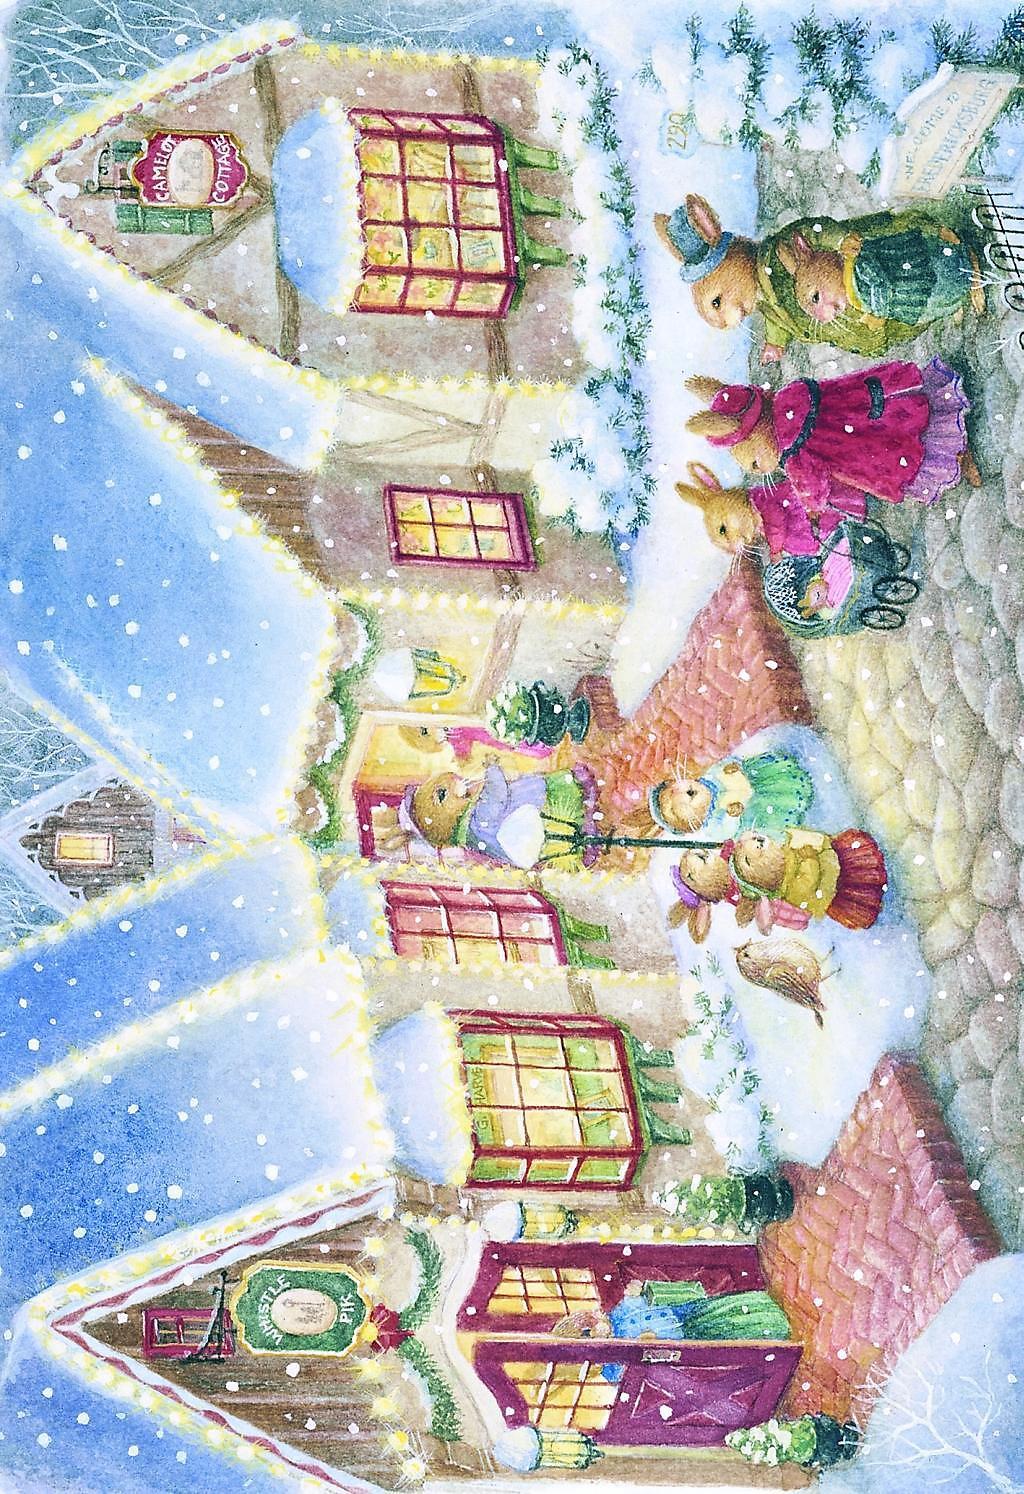 Weltbild Weihnachtskarten.Frohe Weihnachten Weihnachtskarten Set Bestellen Weltbild De